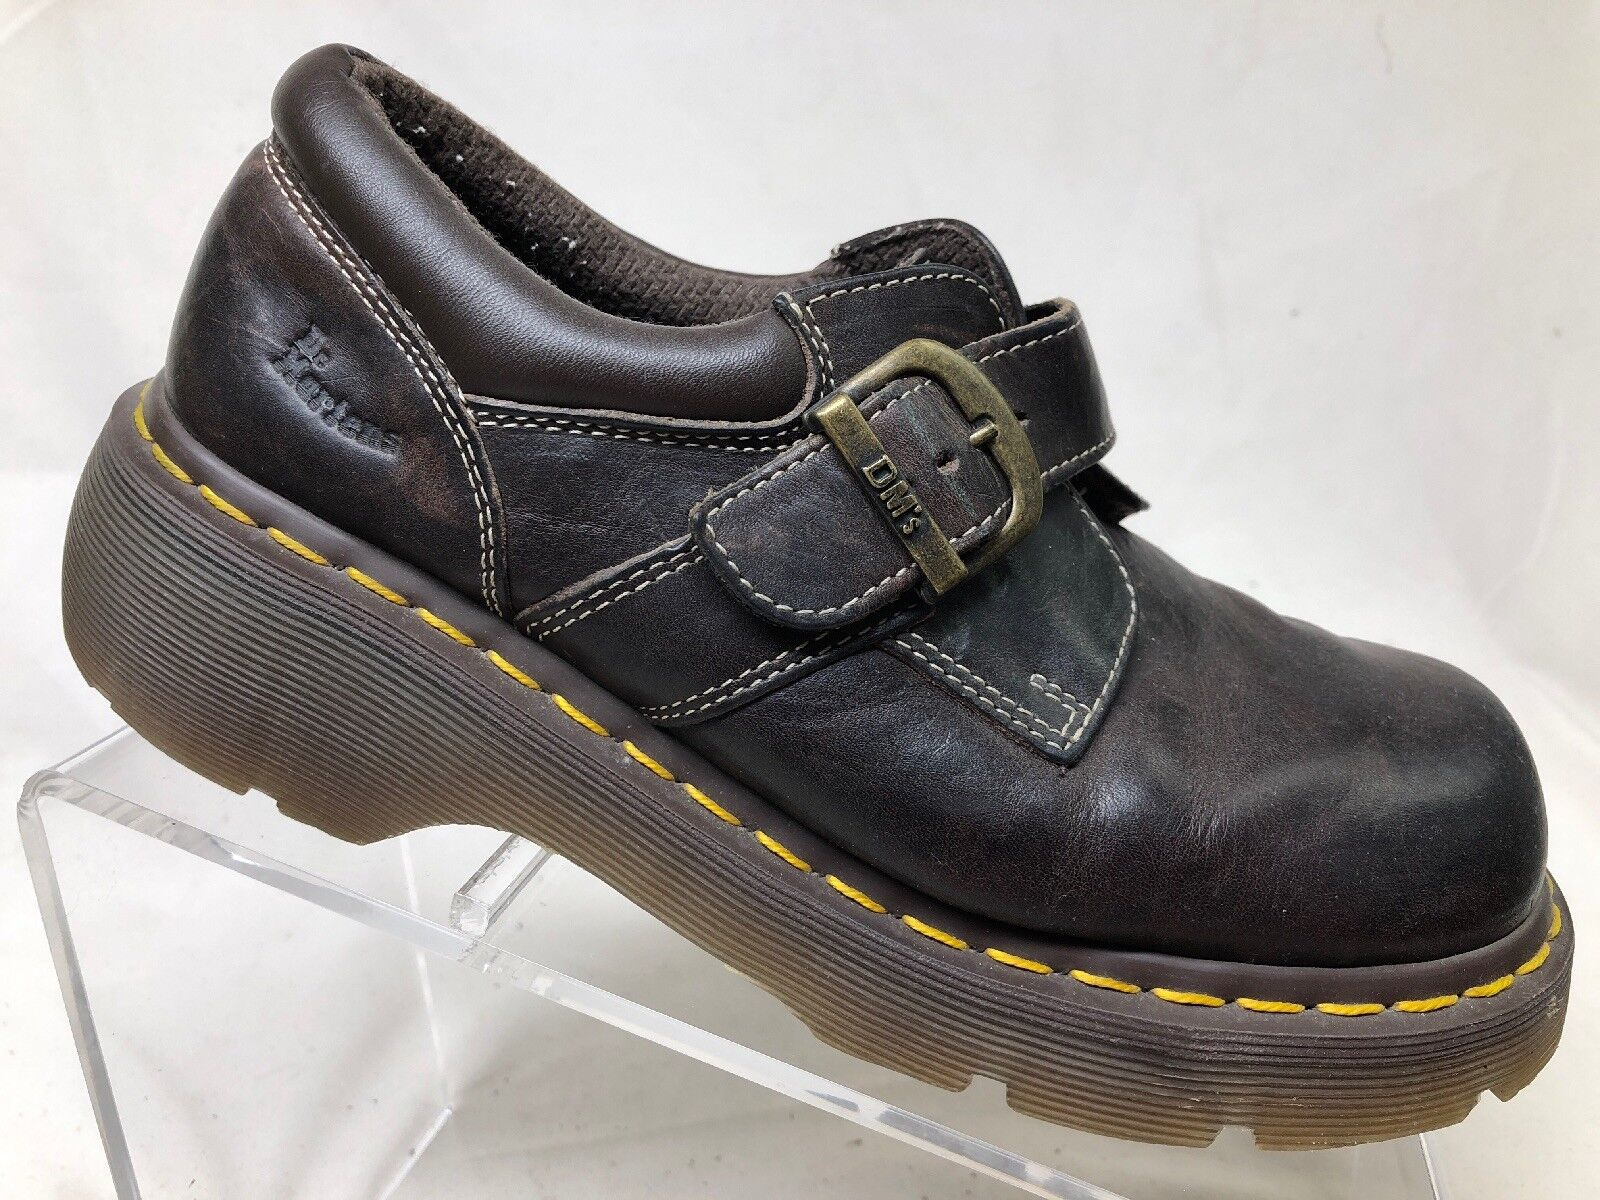 Dr. Martens M7 W8 euro 39 Zapatos De Trabajo Suela De Goma Marrón De Cuero AW004 F8